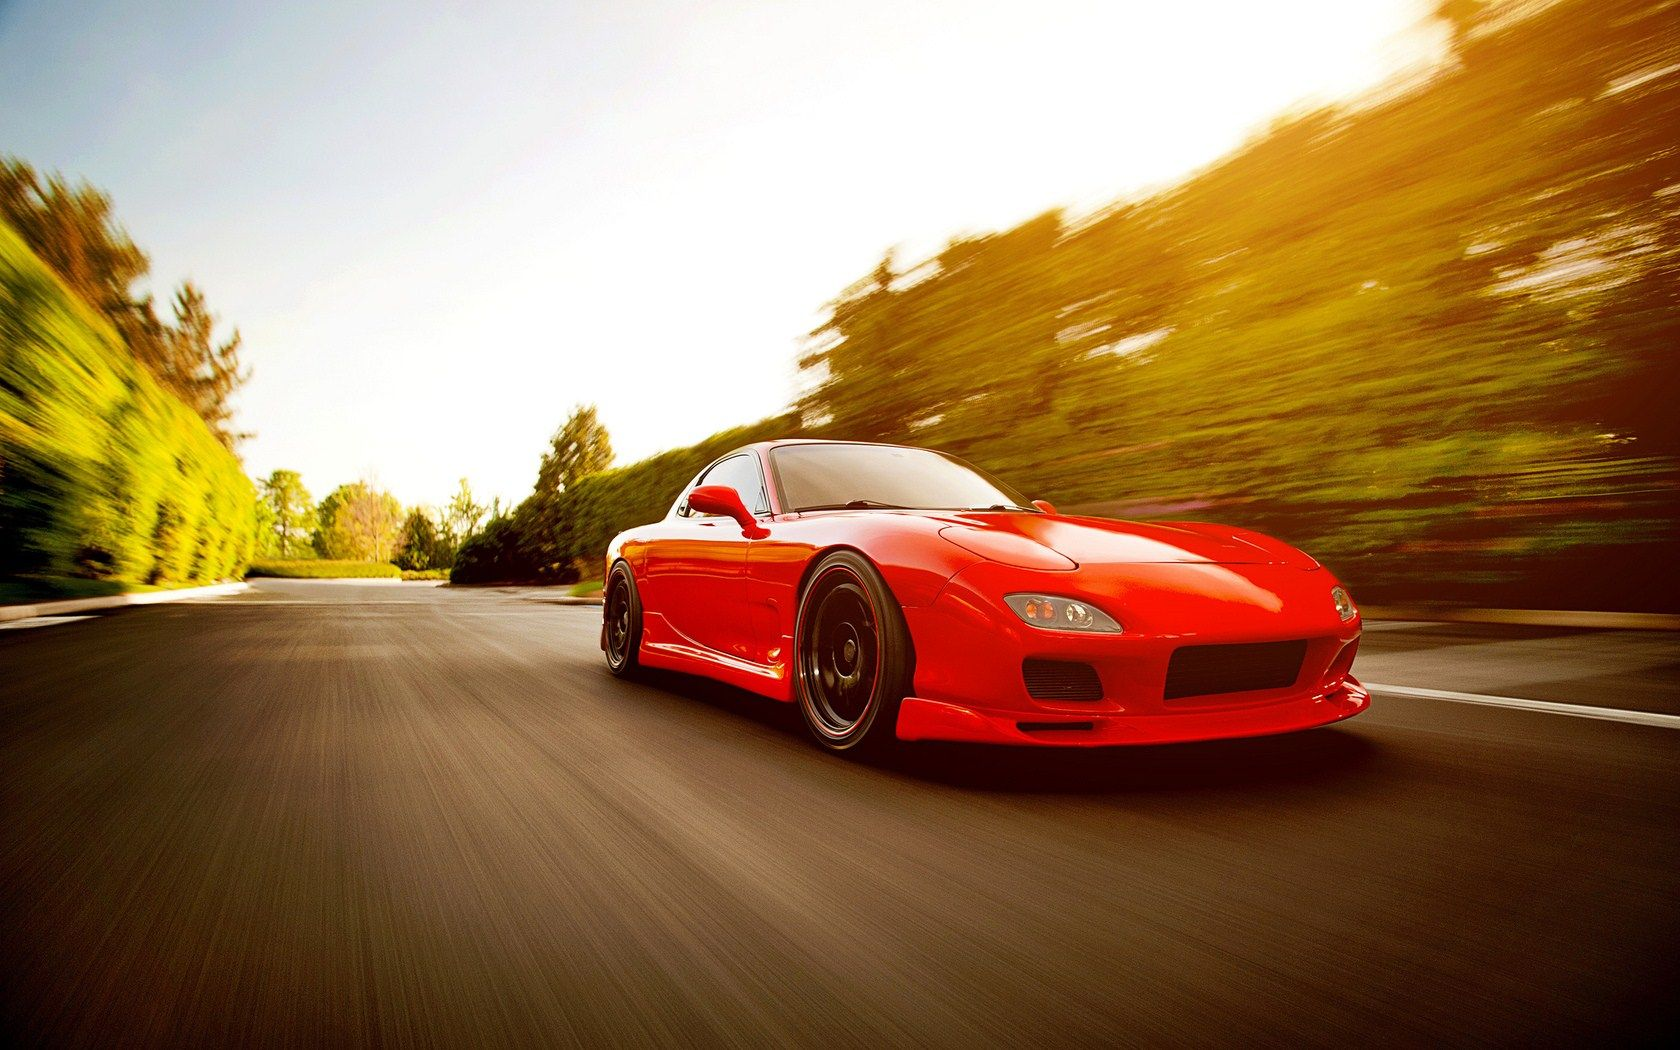 Speed Street Mazda RX7 FD Photo HD Wallpaper FreeHDWall